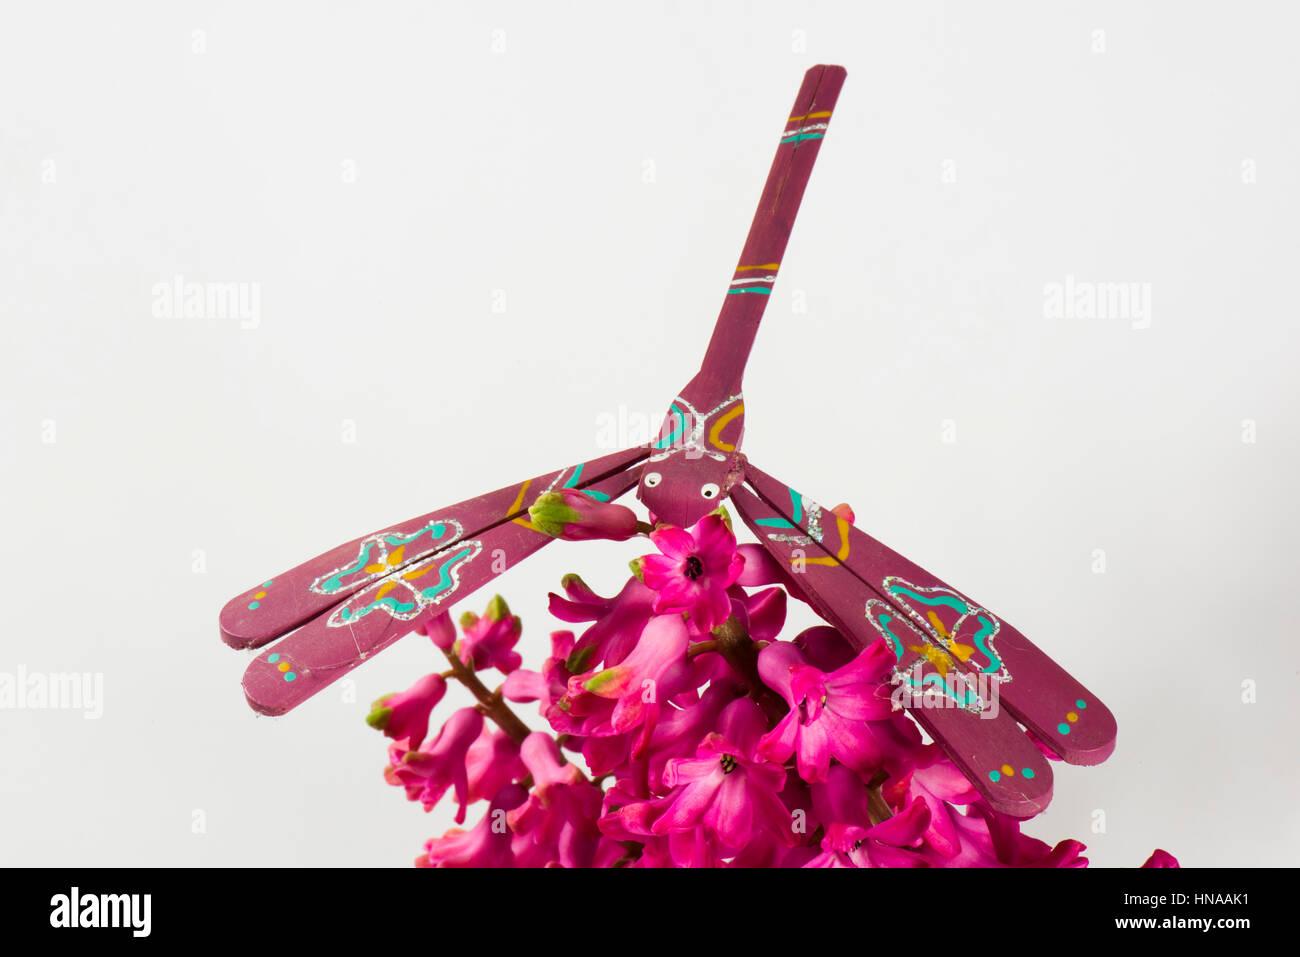 Libellule jouet d'équilibrage fait en bambou et peint à la main en équilibre sur une fleur jacinthe Photo Stock